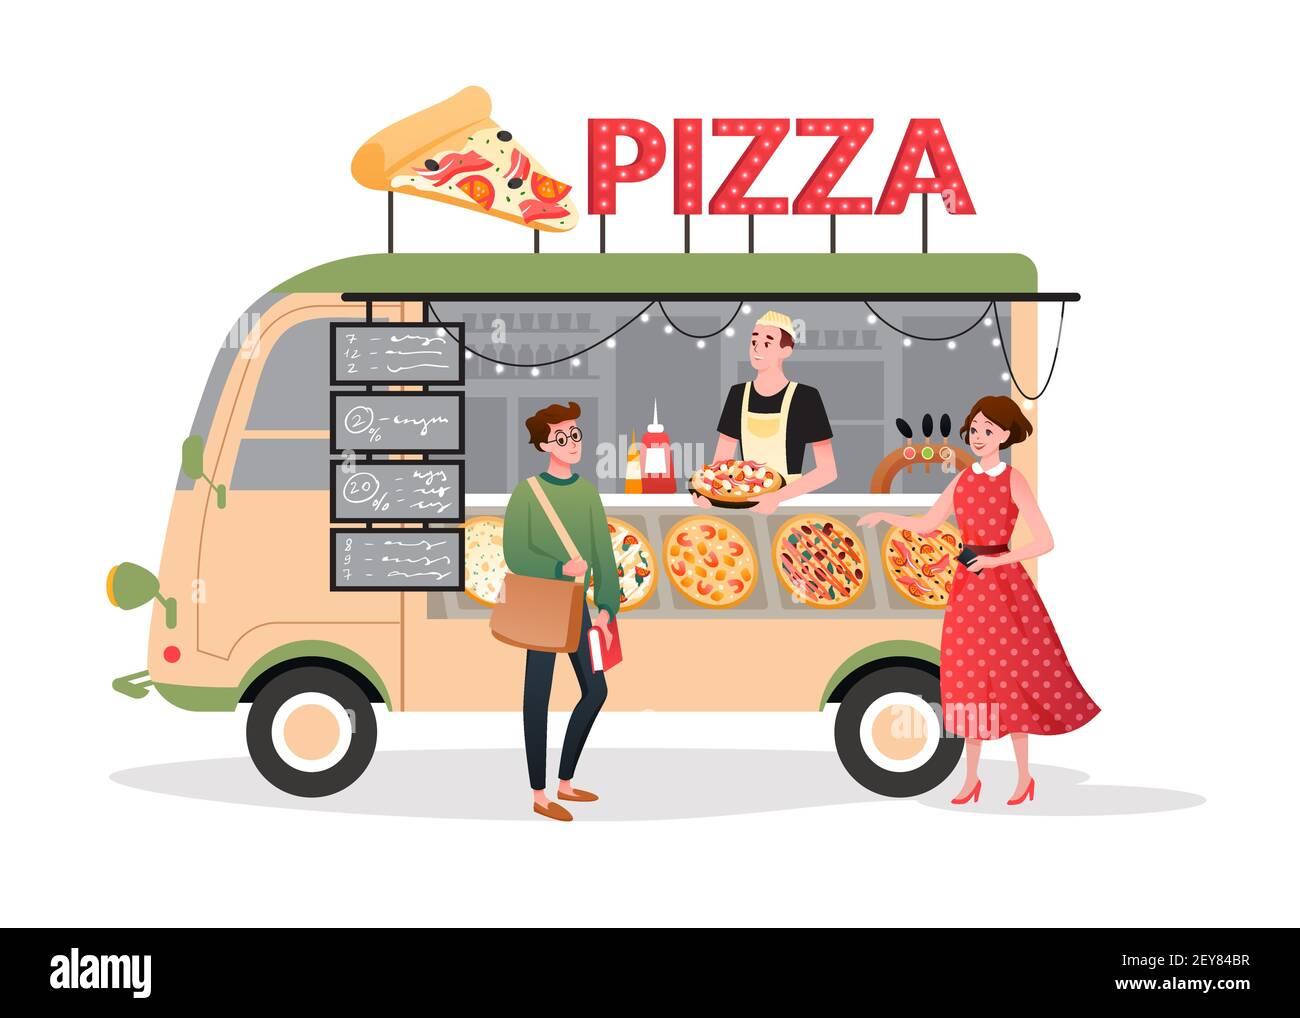 Pizza Straßenmarkt Lebensmittel LKW, Mini Pizzeria Restaurant mobile Shop in van Bus foodtruck Stock Vektor